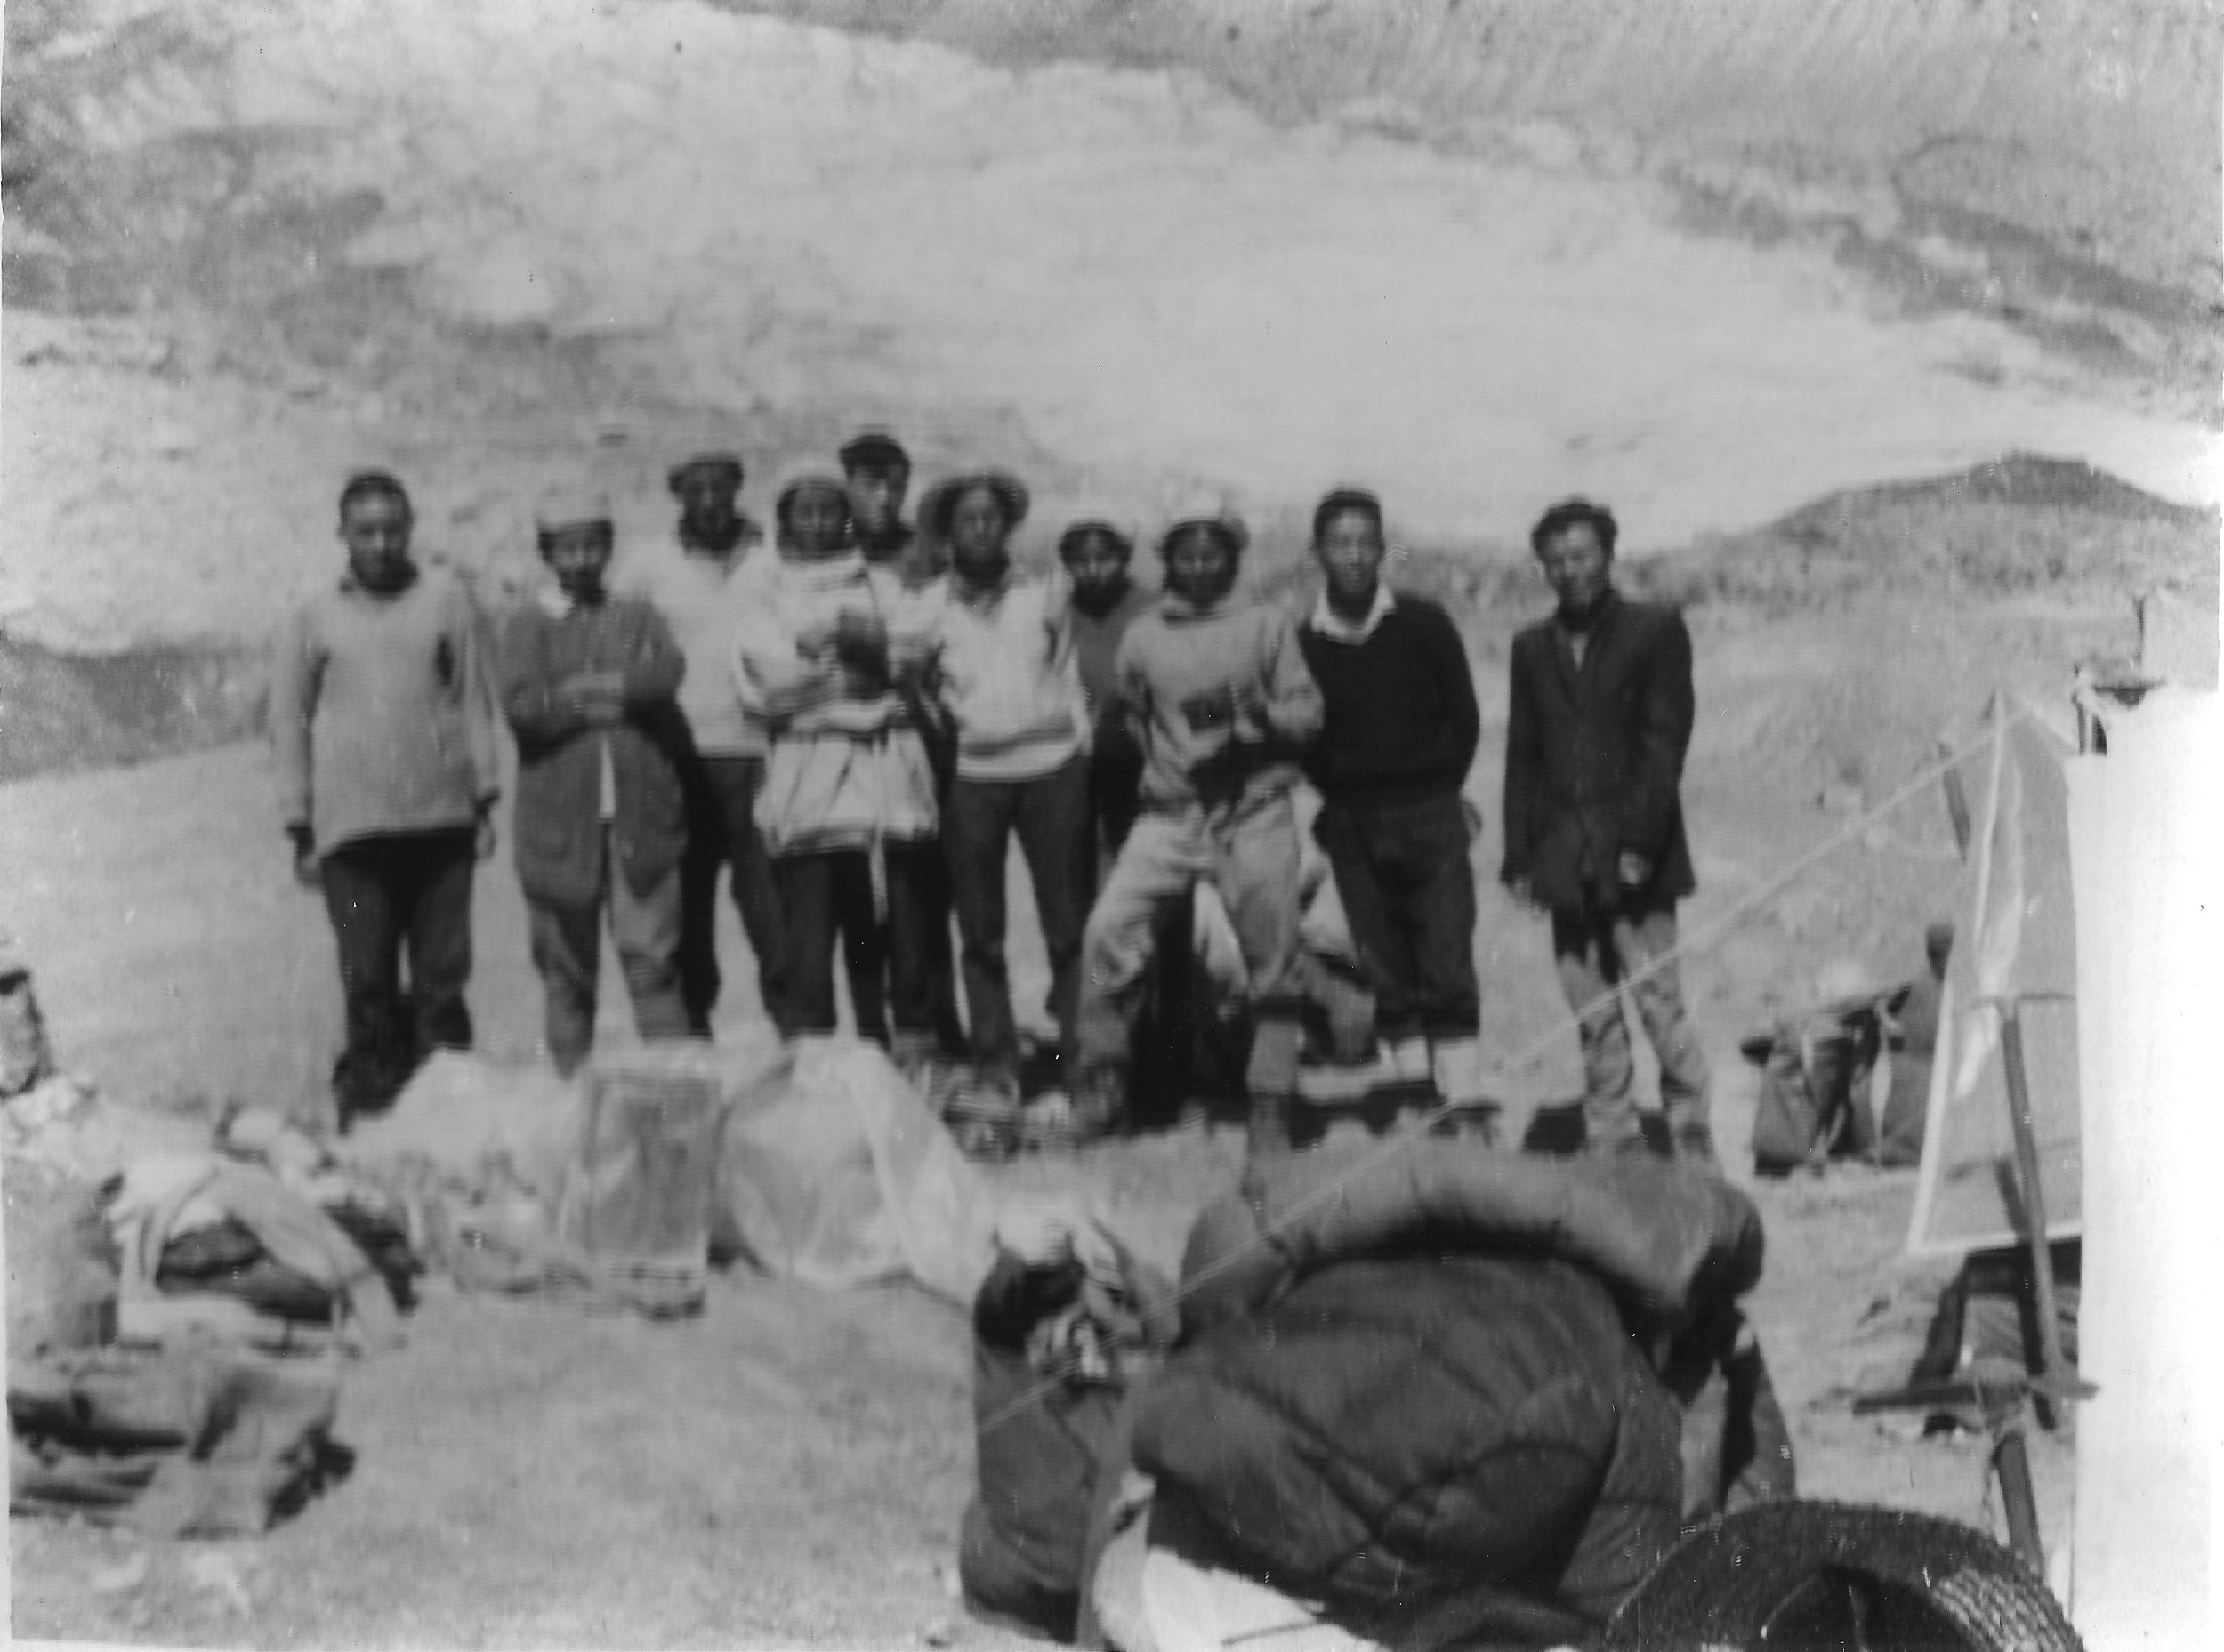 At the base camp, before the climb began. From left: Lama (porter), Shefali (member), Palgun (porter), Sujaya (leader), Pasang (Sherpa), Purnima (doctor), Nilu (member), Kamala (member), Gylgen (Sherpa), Gupta Ram (cook) [image by: Sudipta Sengupta]